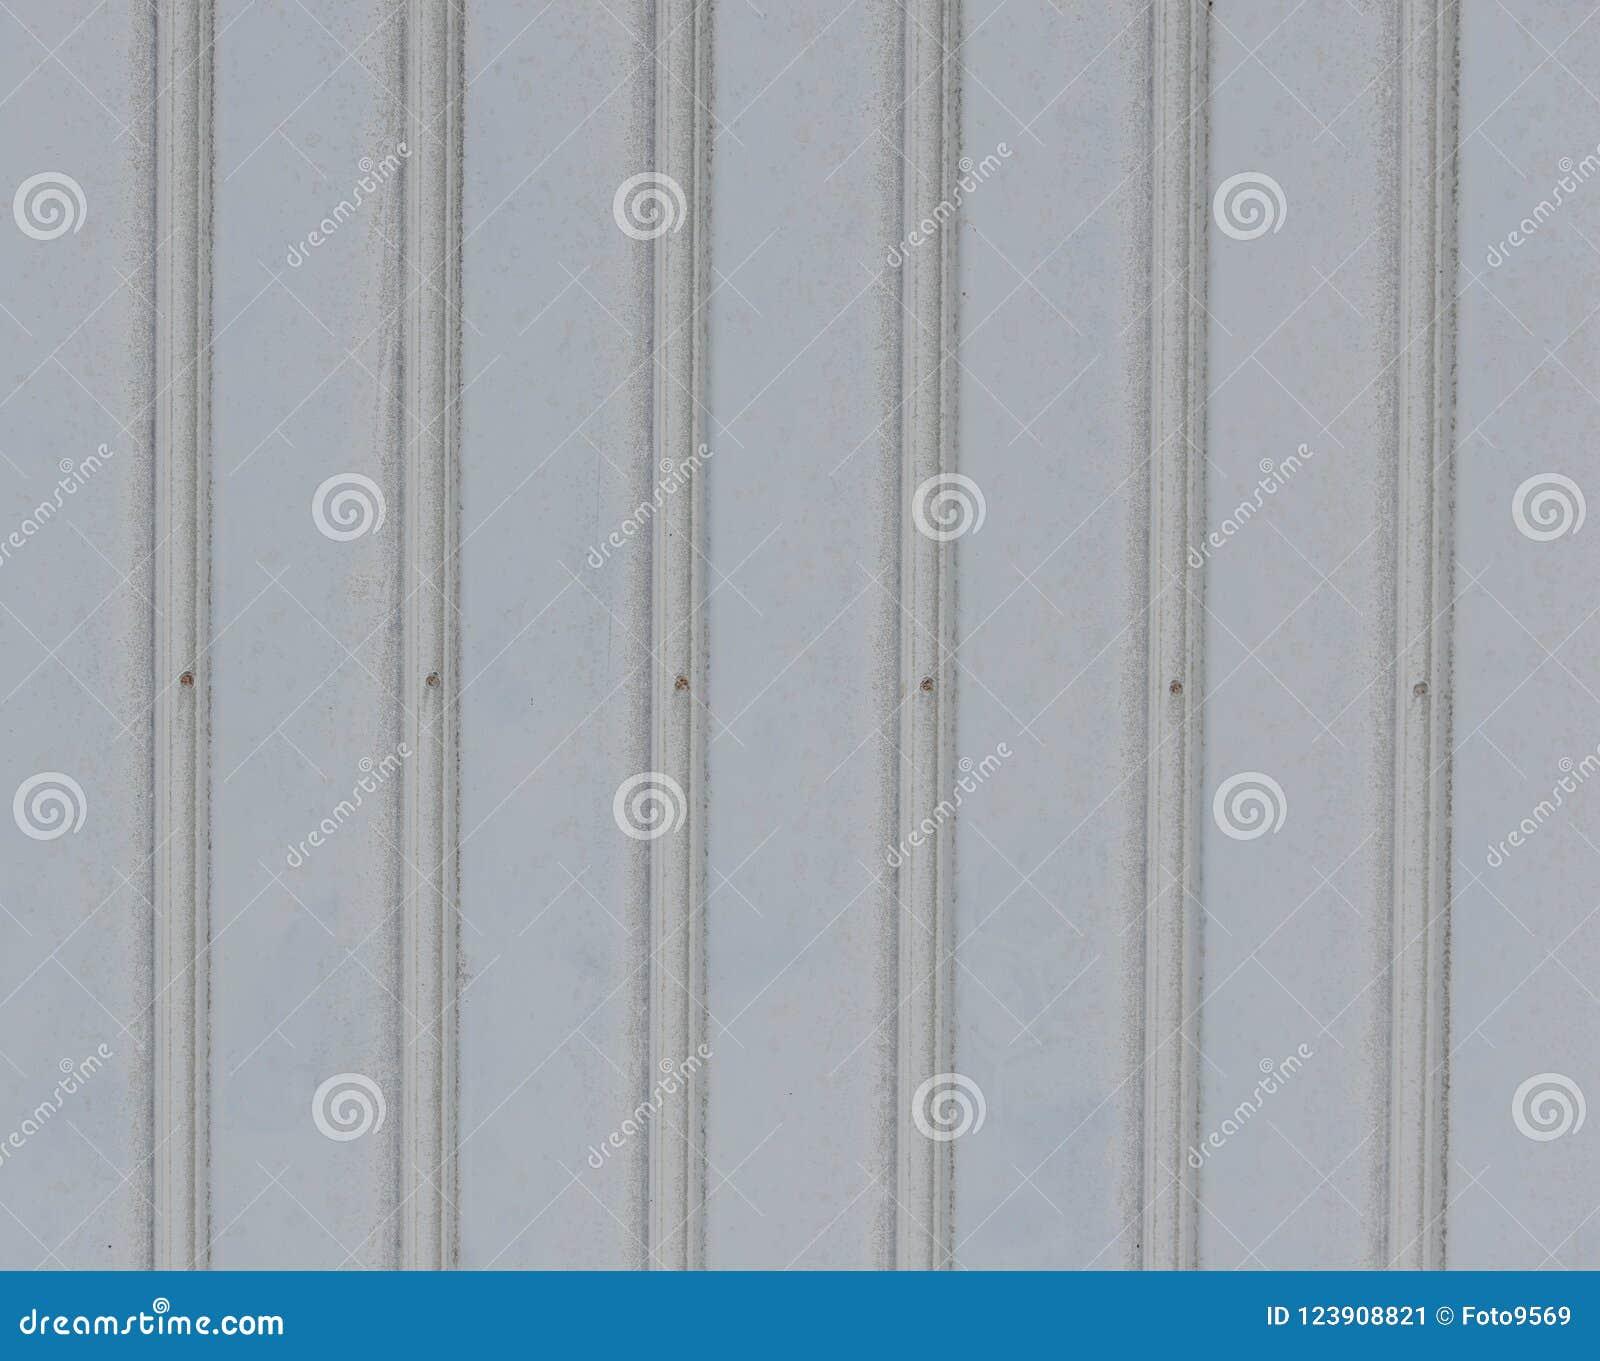 铁墙壁纹理和背景组成的